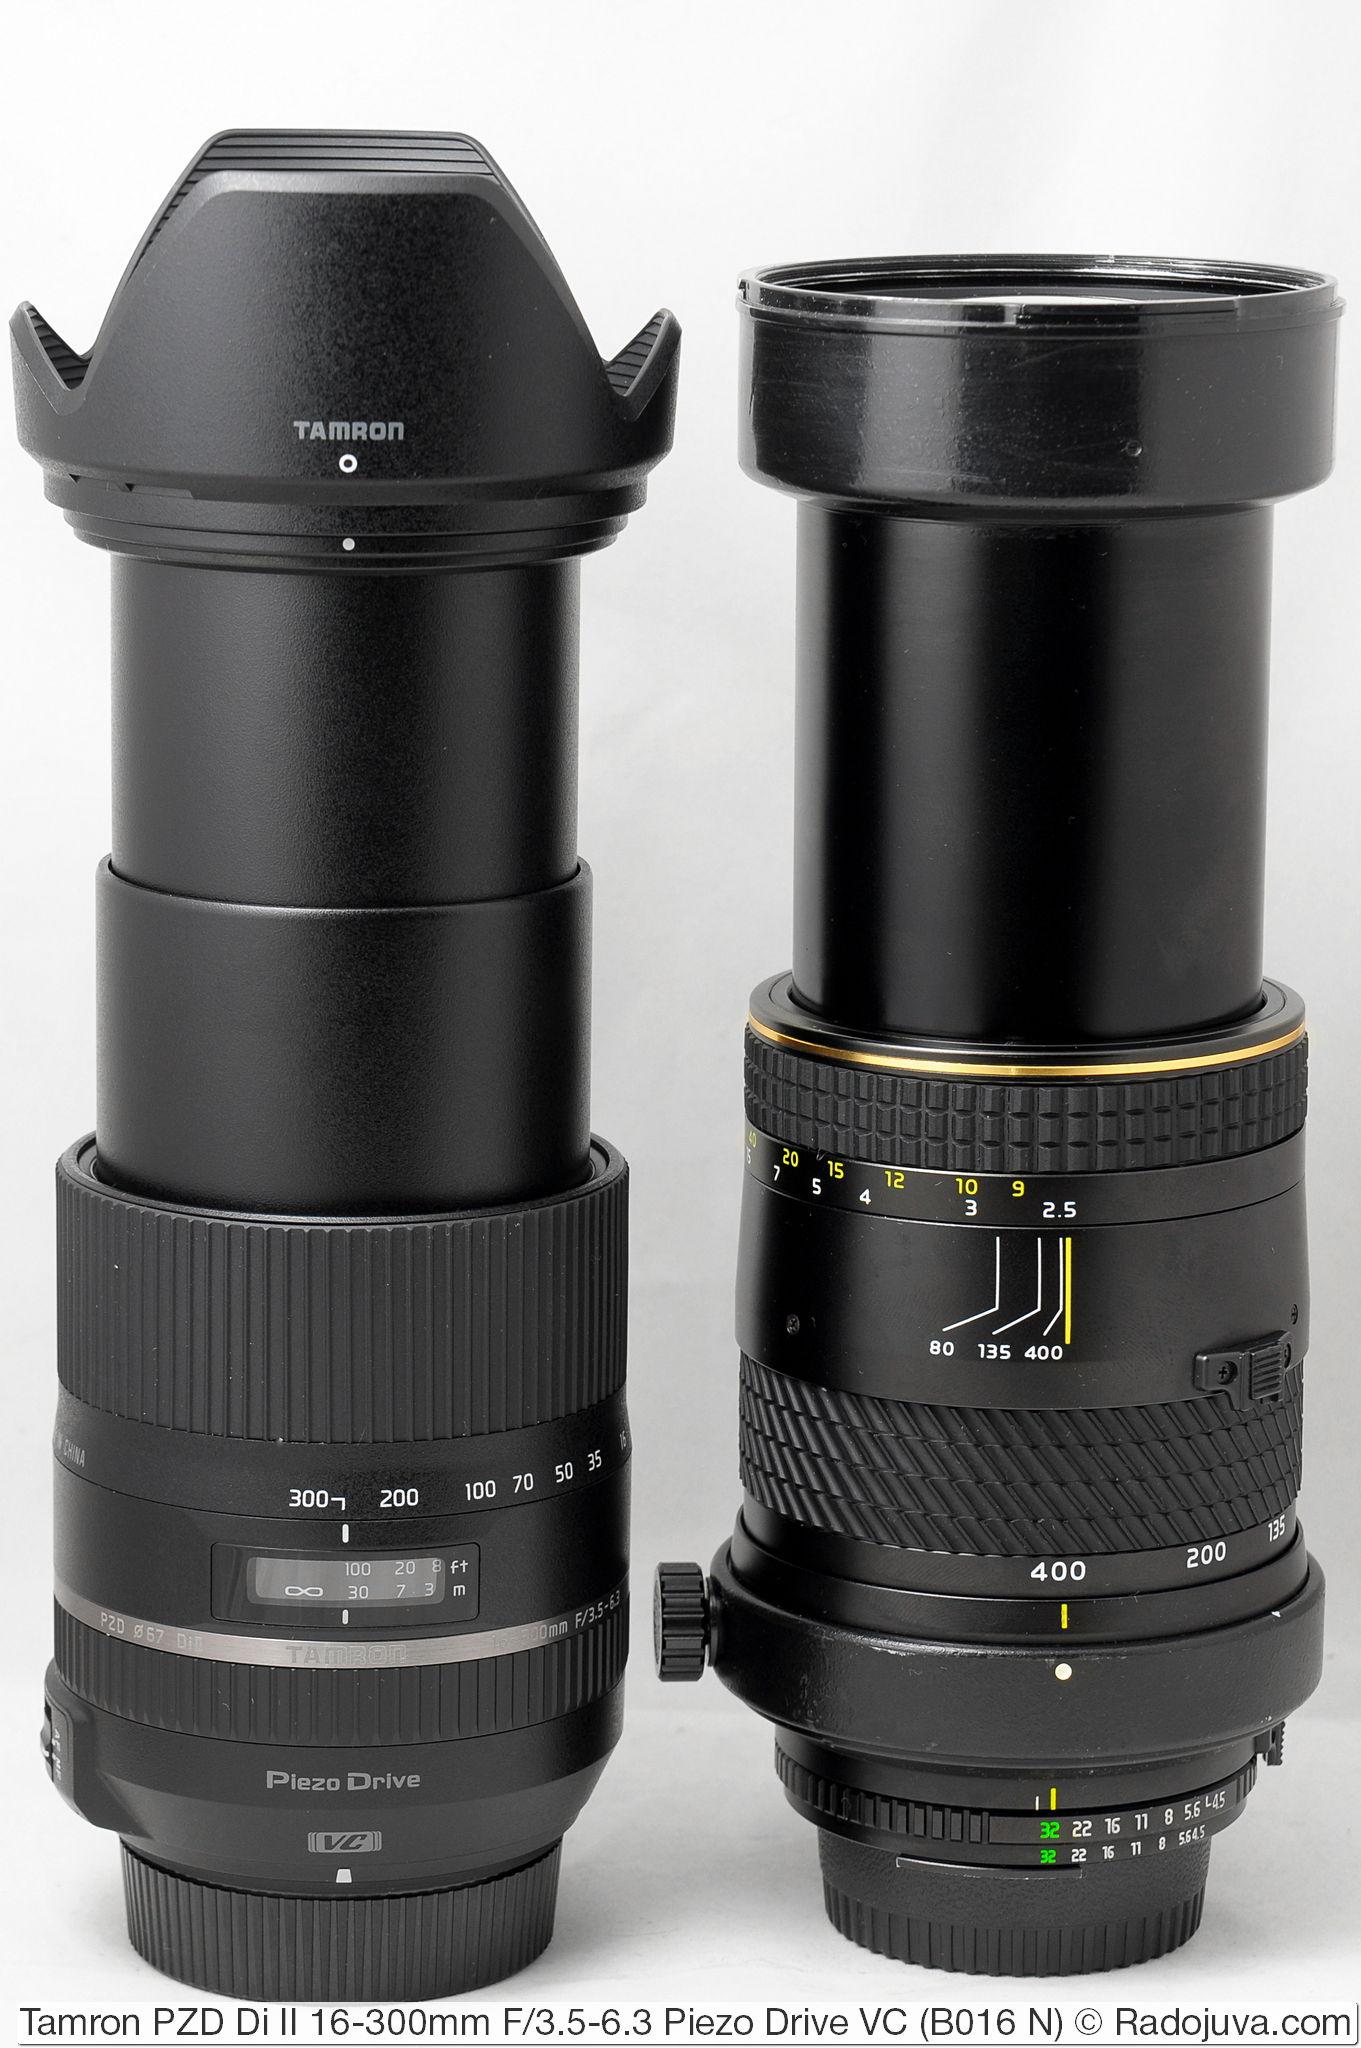 Размеры Tamron 16-300mm F/3.5-6.3 Di II PZD VC Model B016 и Tokina AT-X 80-400mm 1:4.5-5.6 (AT-X 840 AF-II)